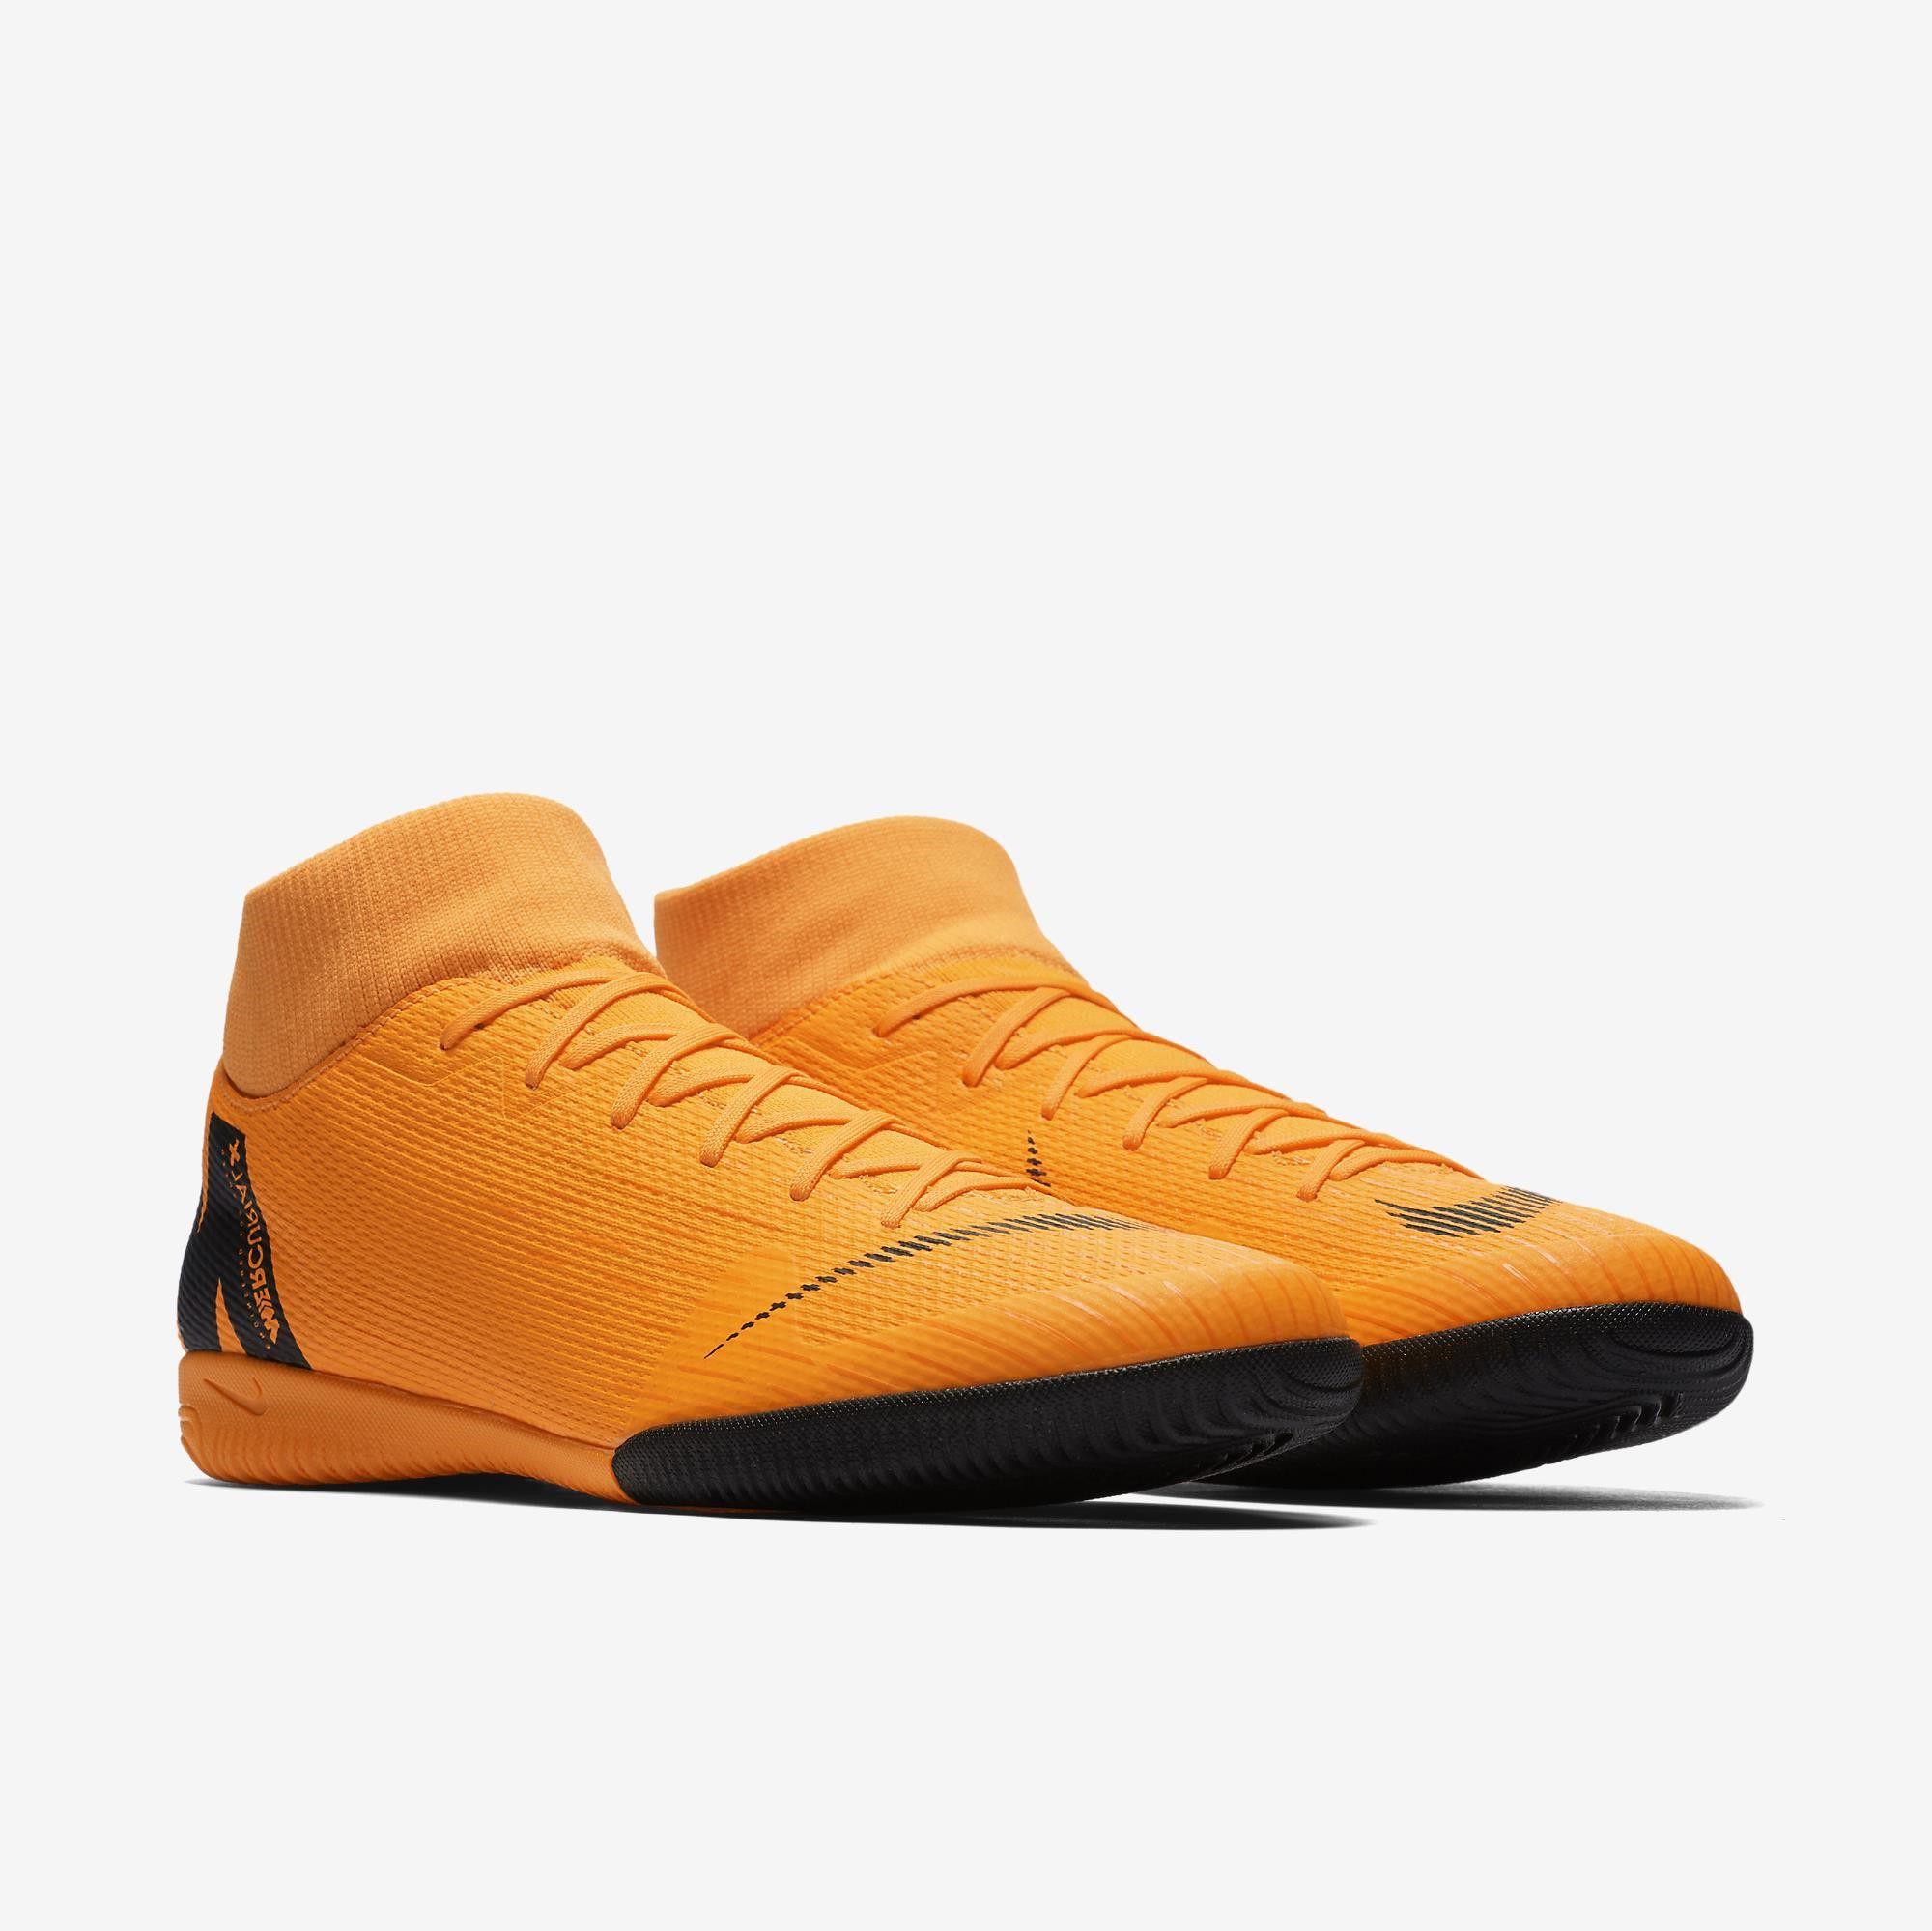 ac8c90c025 Chuteira Futsal Nike Mercurial Superflyx 6 Ac - BRACIA SHOP  Loja de ...